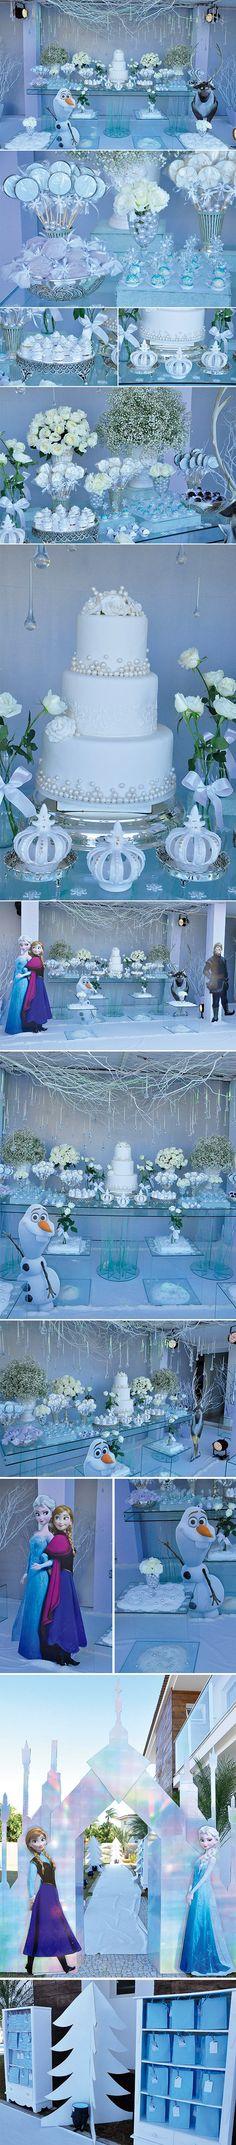 Decoração temática: Frozen